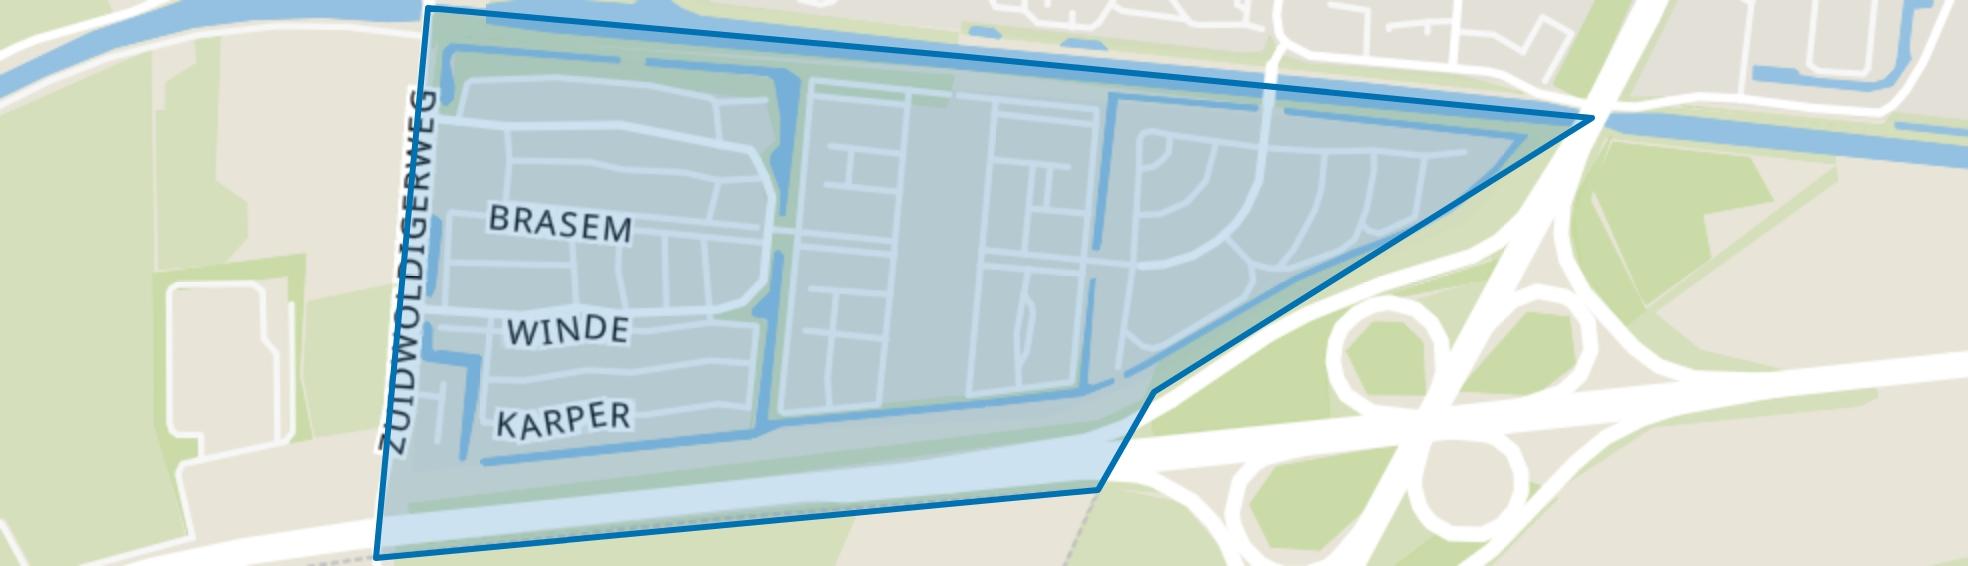 Erflanden, Hoogeveen map